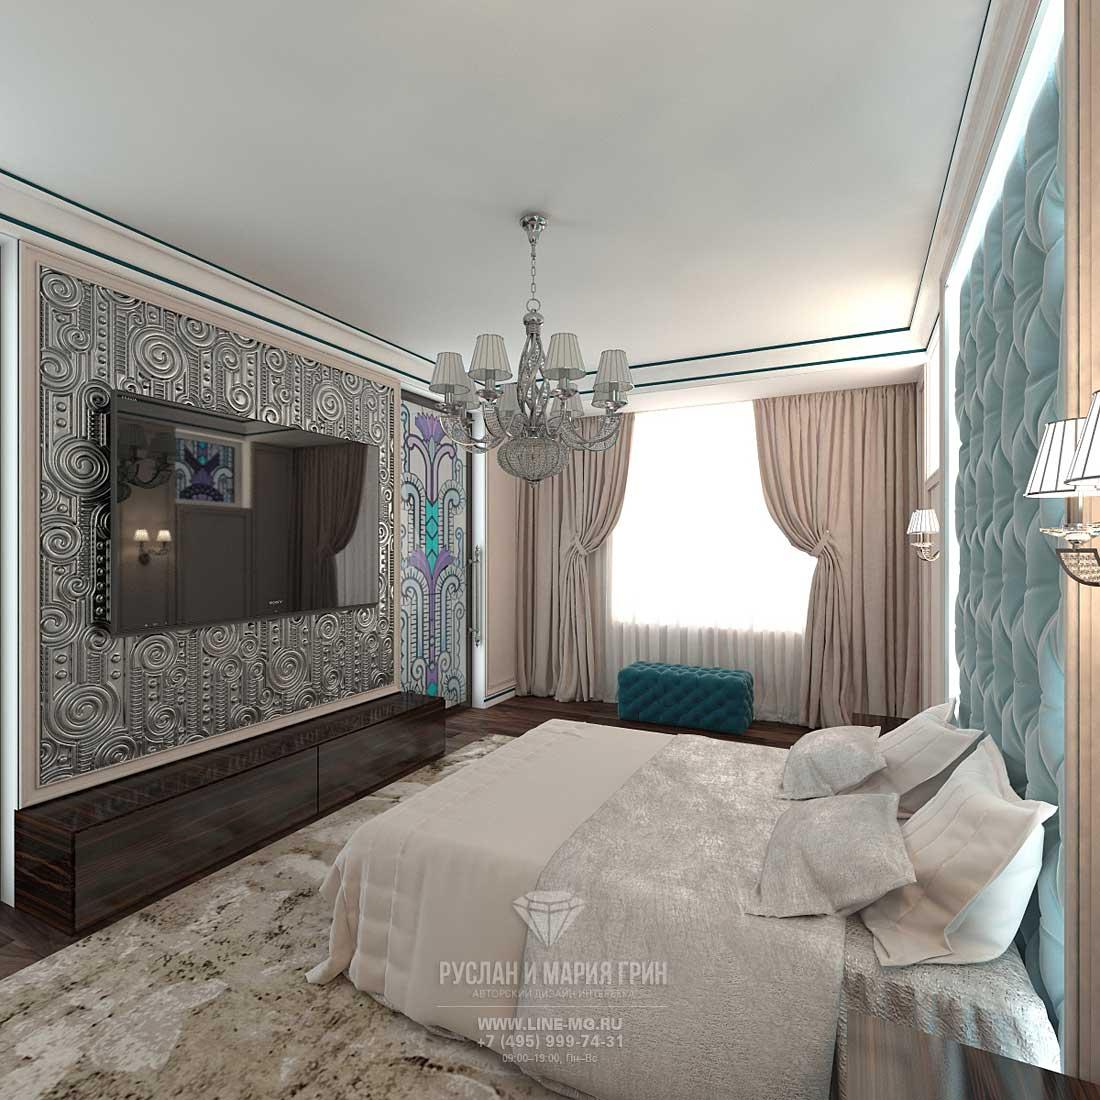 Дизайн спальни в частном доме. Фото новинка 2015